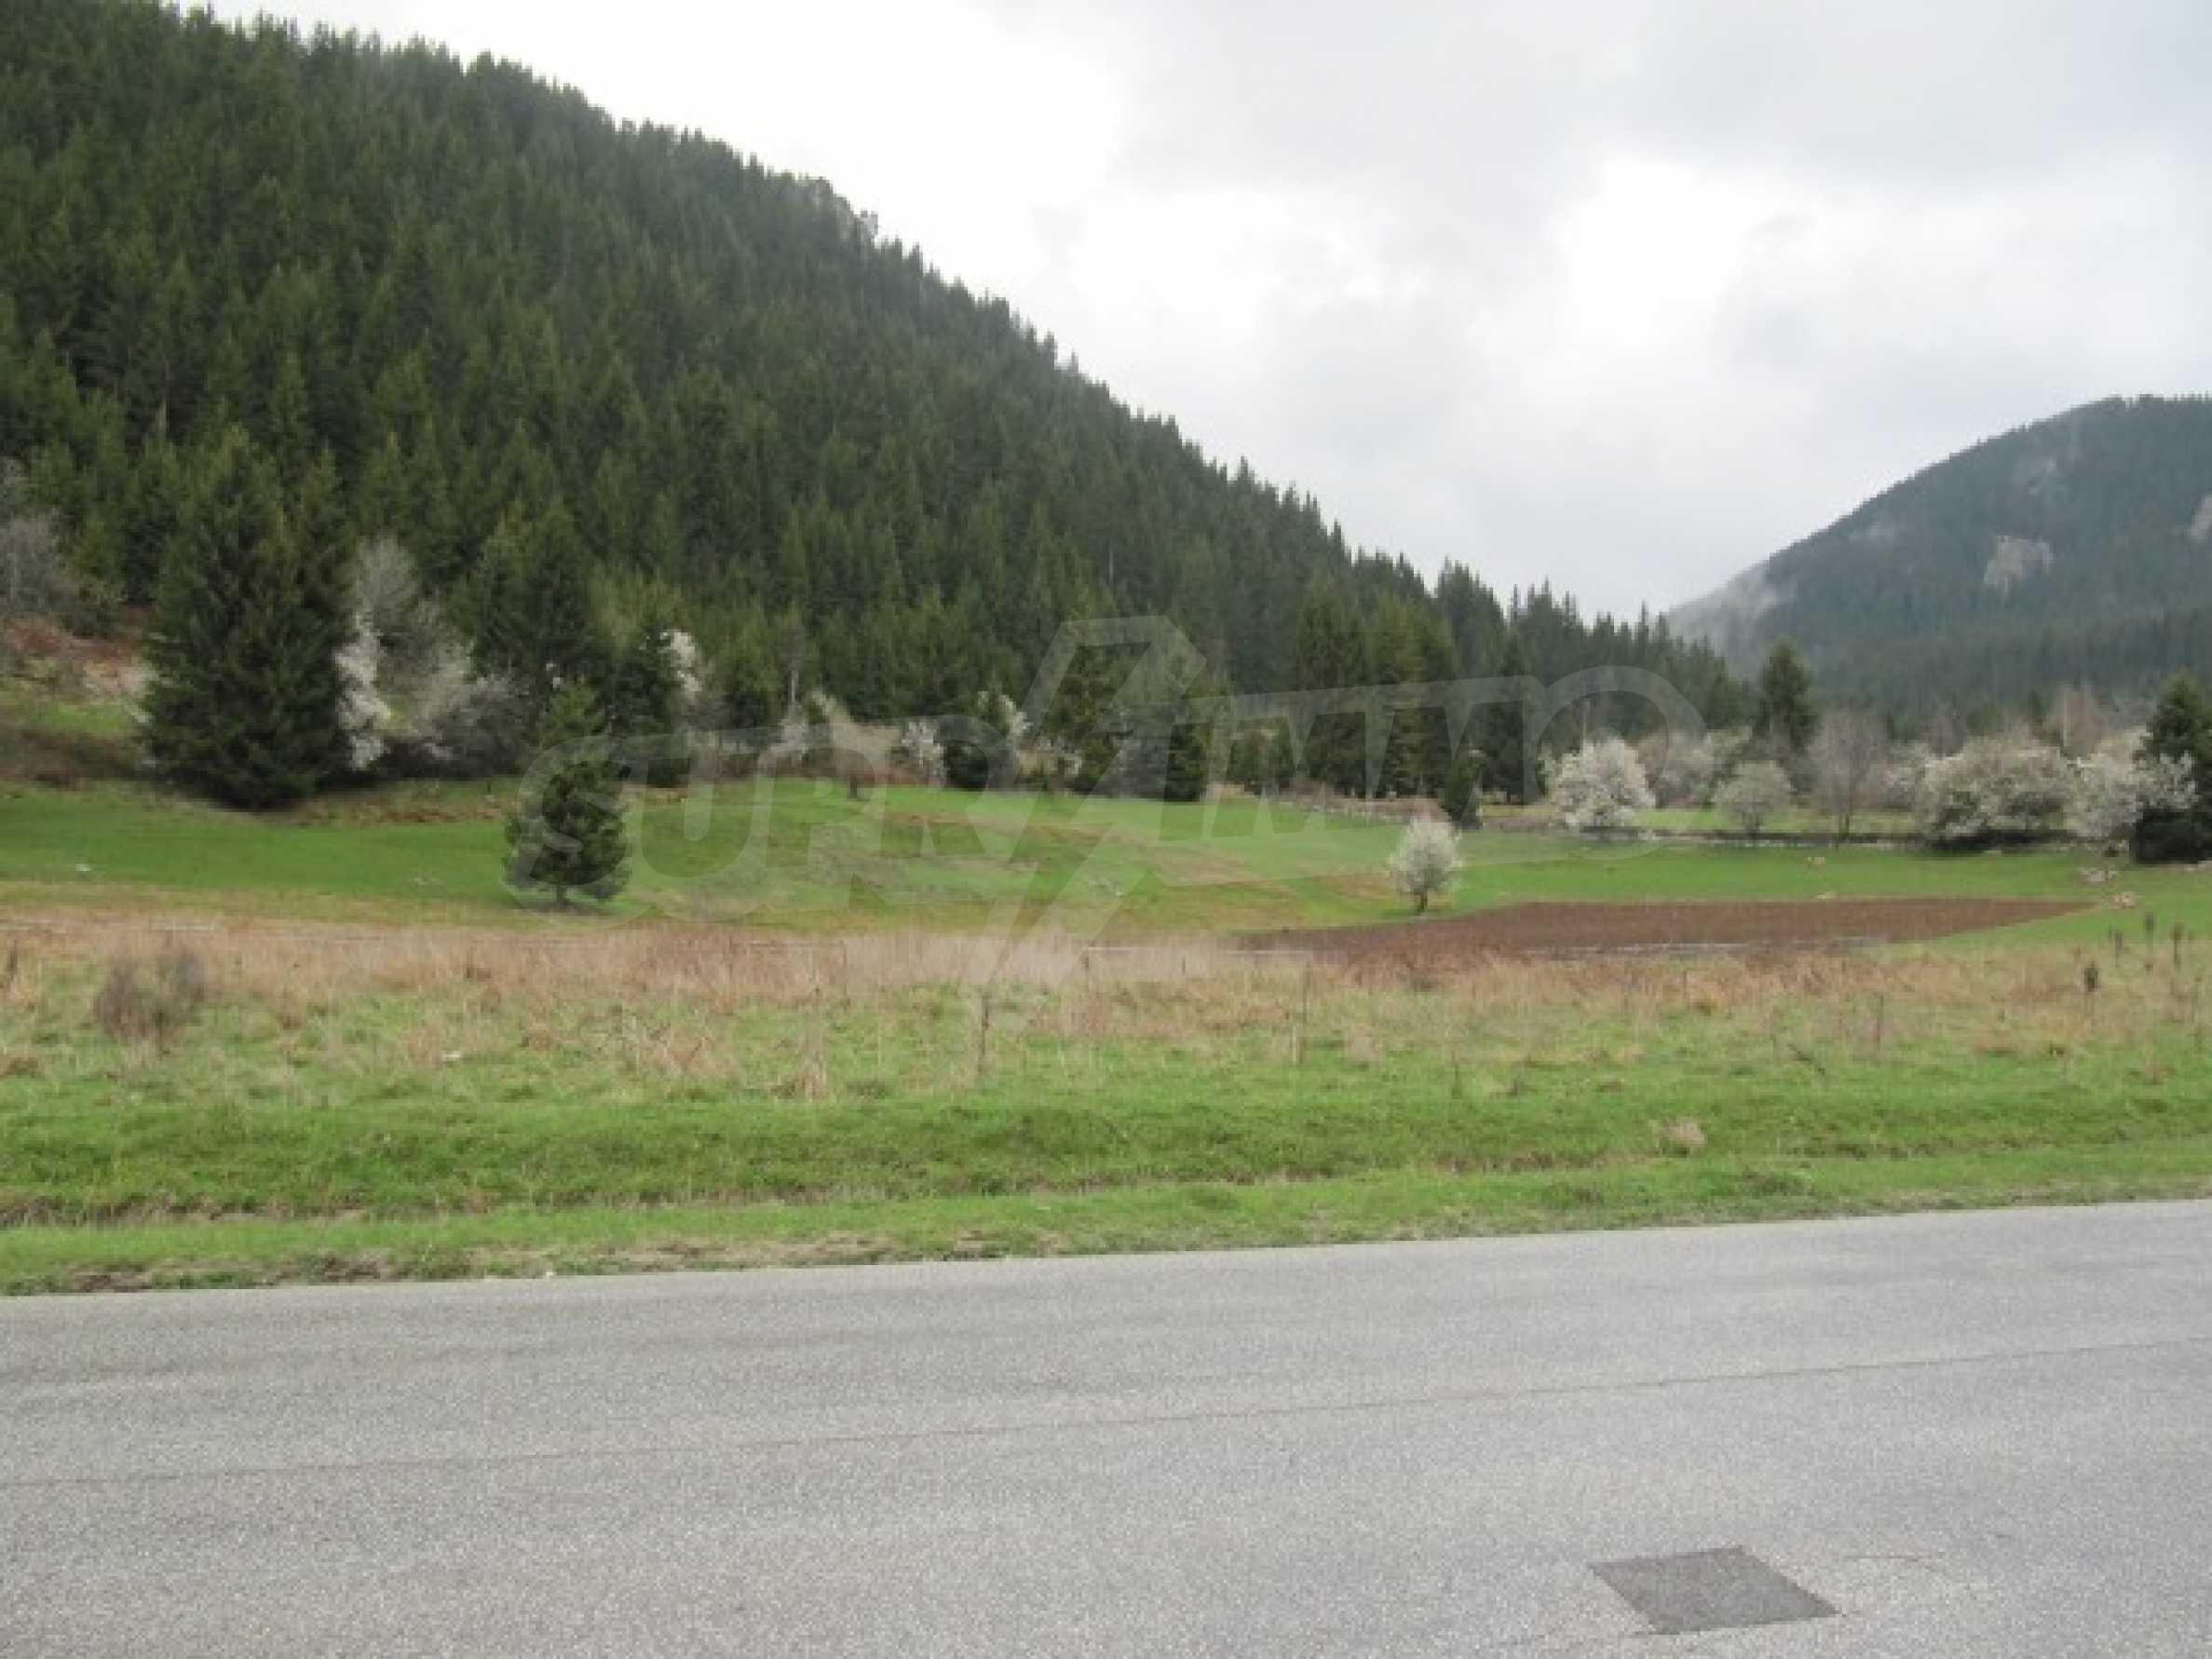 Земельный участок в г. Смолян, в 10 км от Пампорово 1